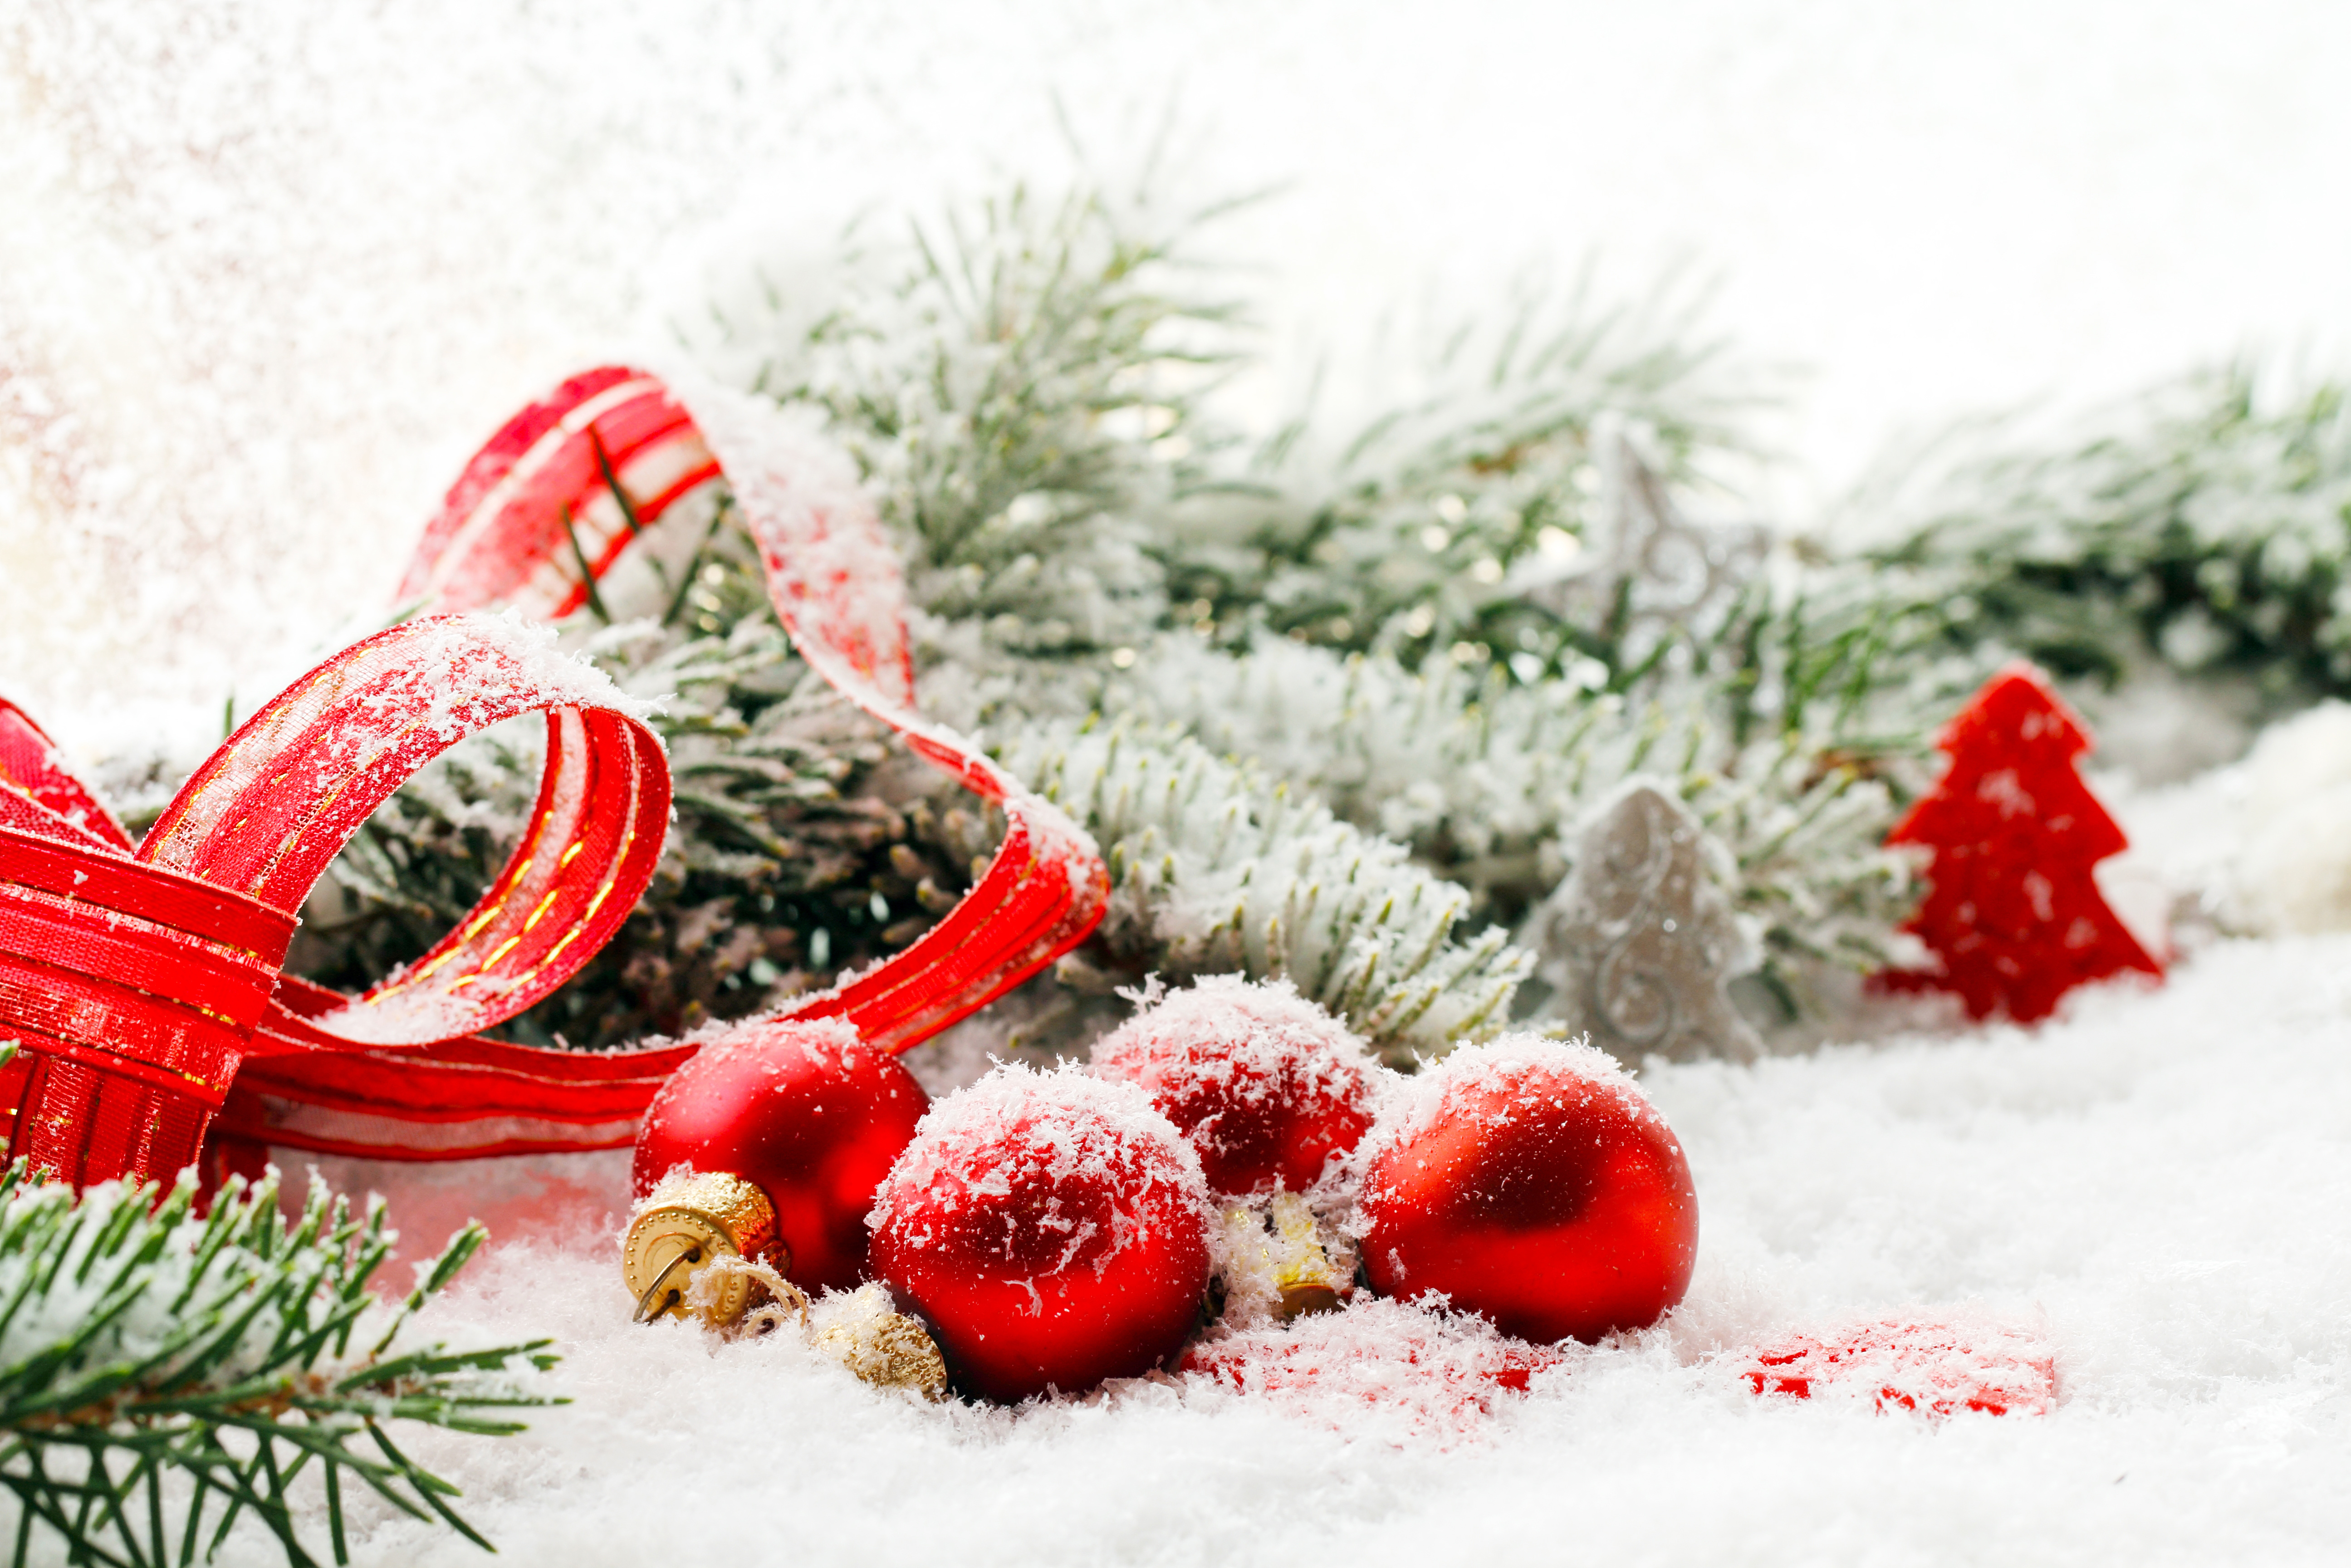 шар новый год красный ель ball new year red spruce без смс